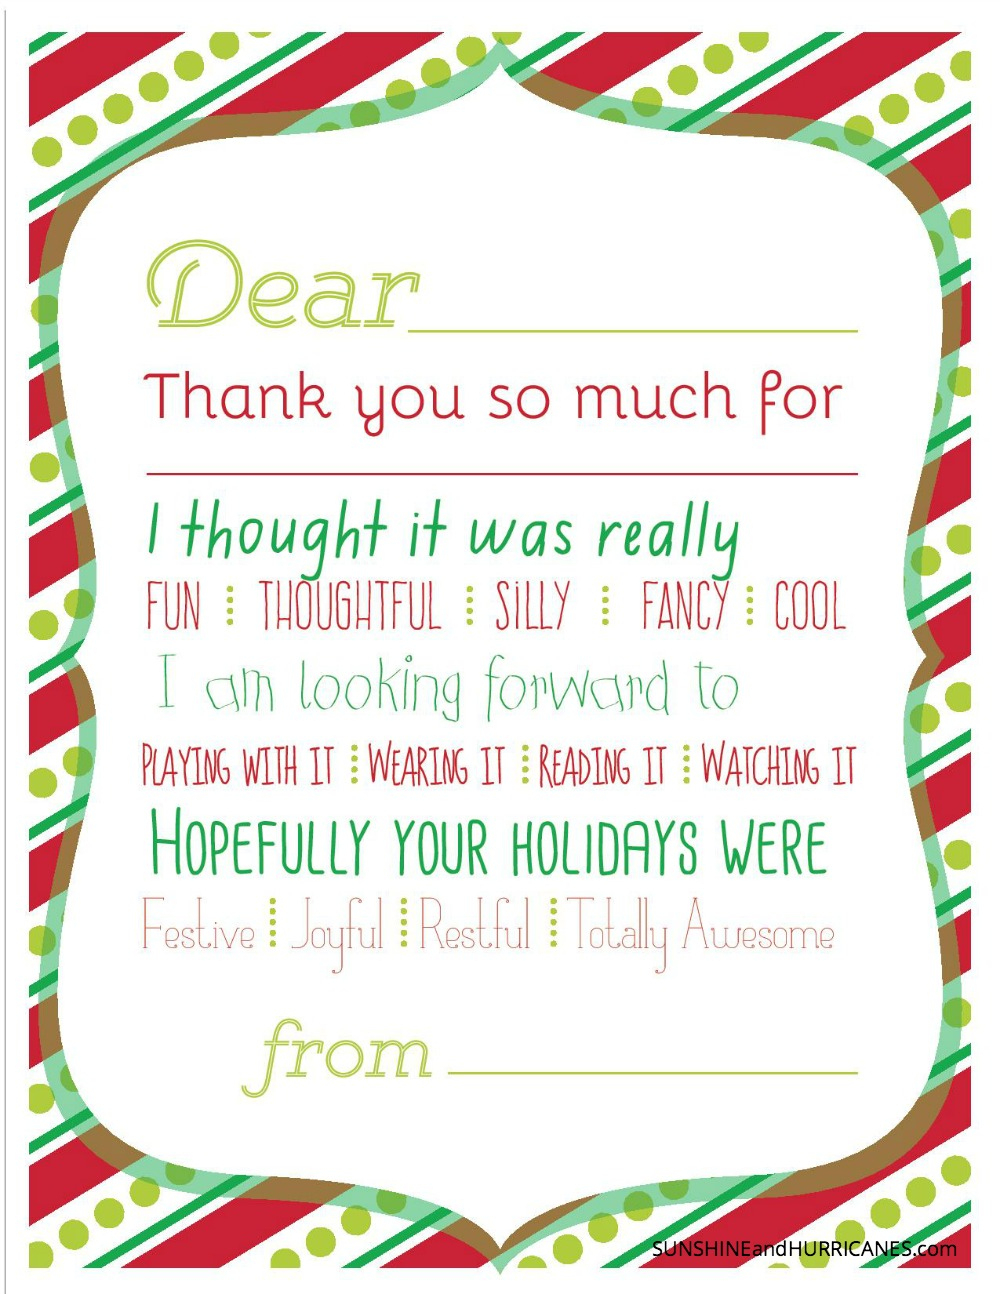 Christmas Printable Thank You Cards For Kids - Christmas Cards For Grandparents Free Printable